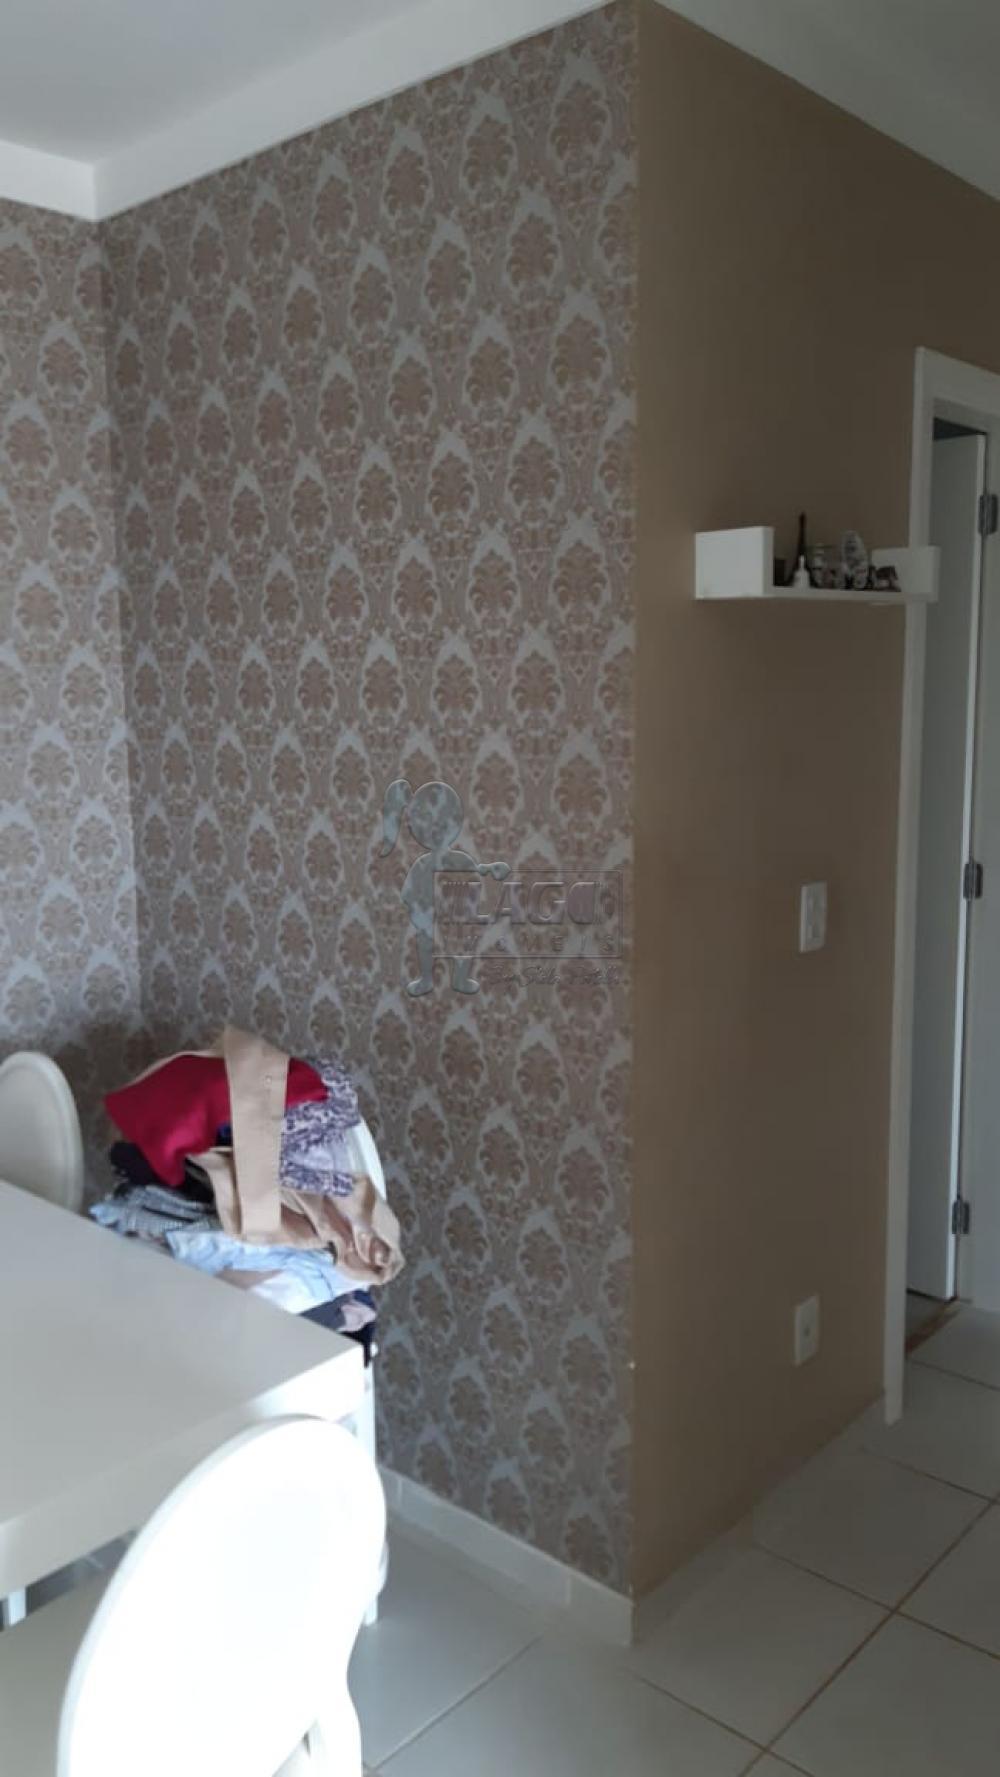 Comprar Apartamento / Padrão em Ribeirão Preto apenas R$ 300.000,00 - Foto 22